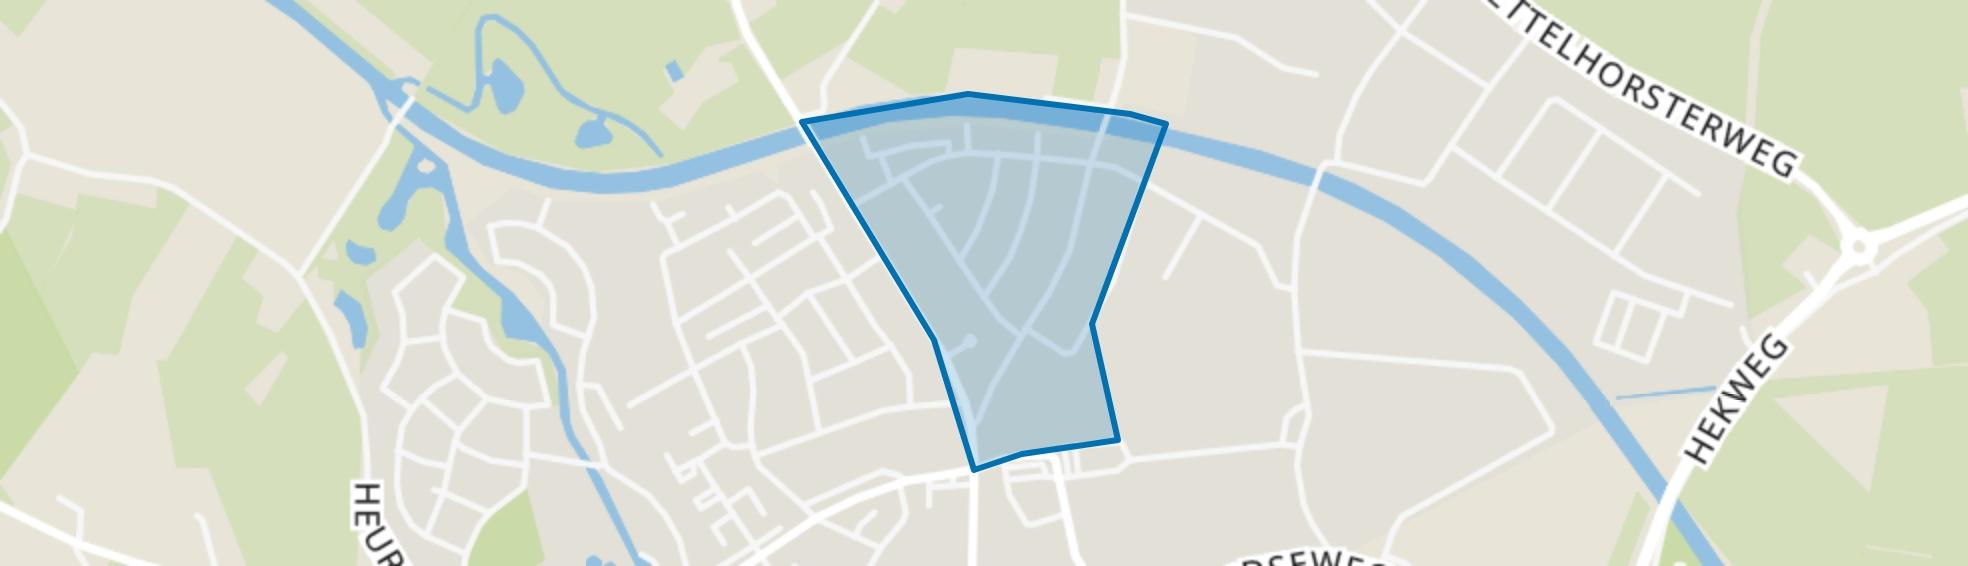 Oostenrijkse Buurt, Borculo map